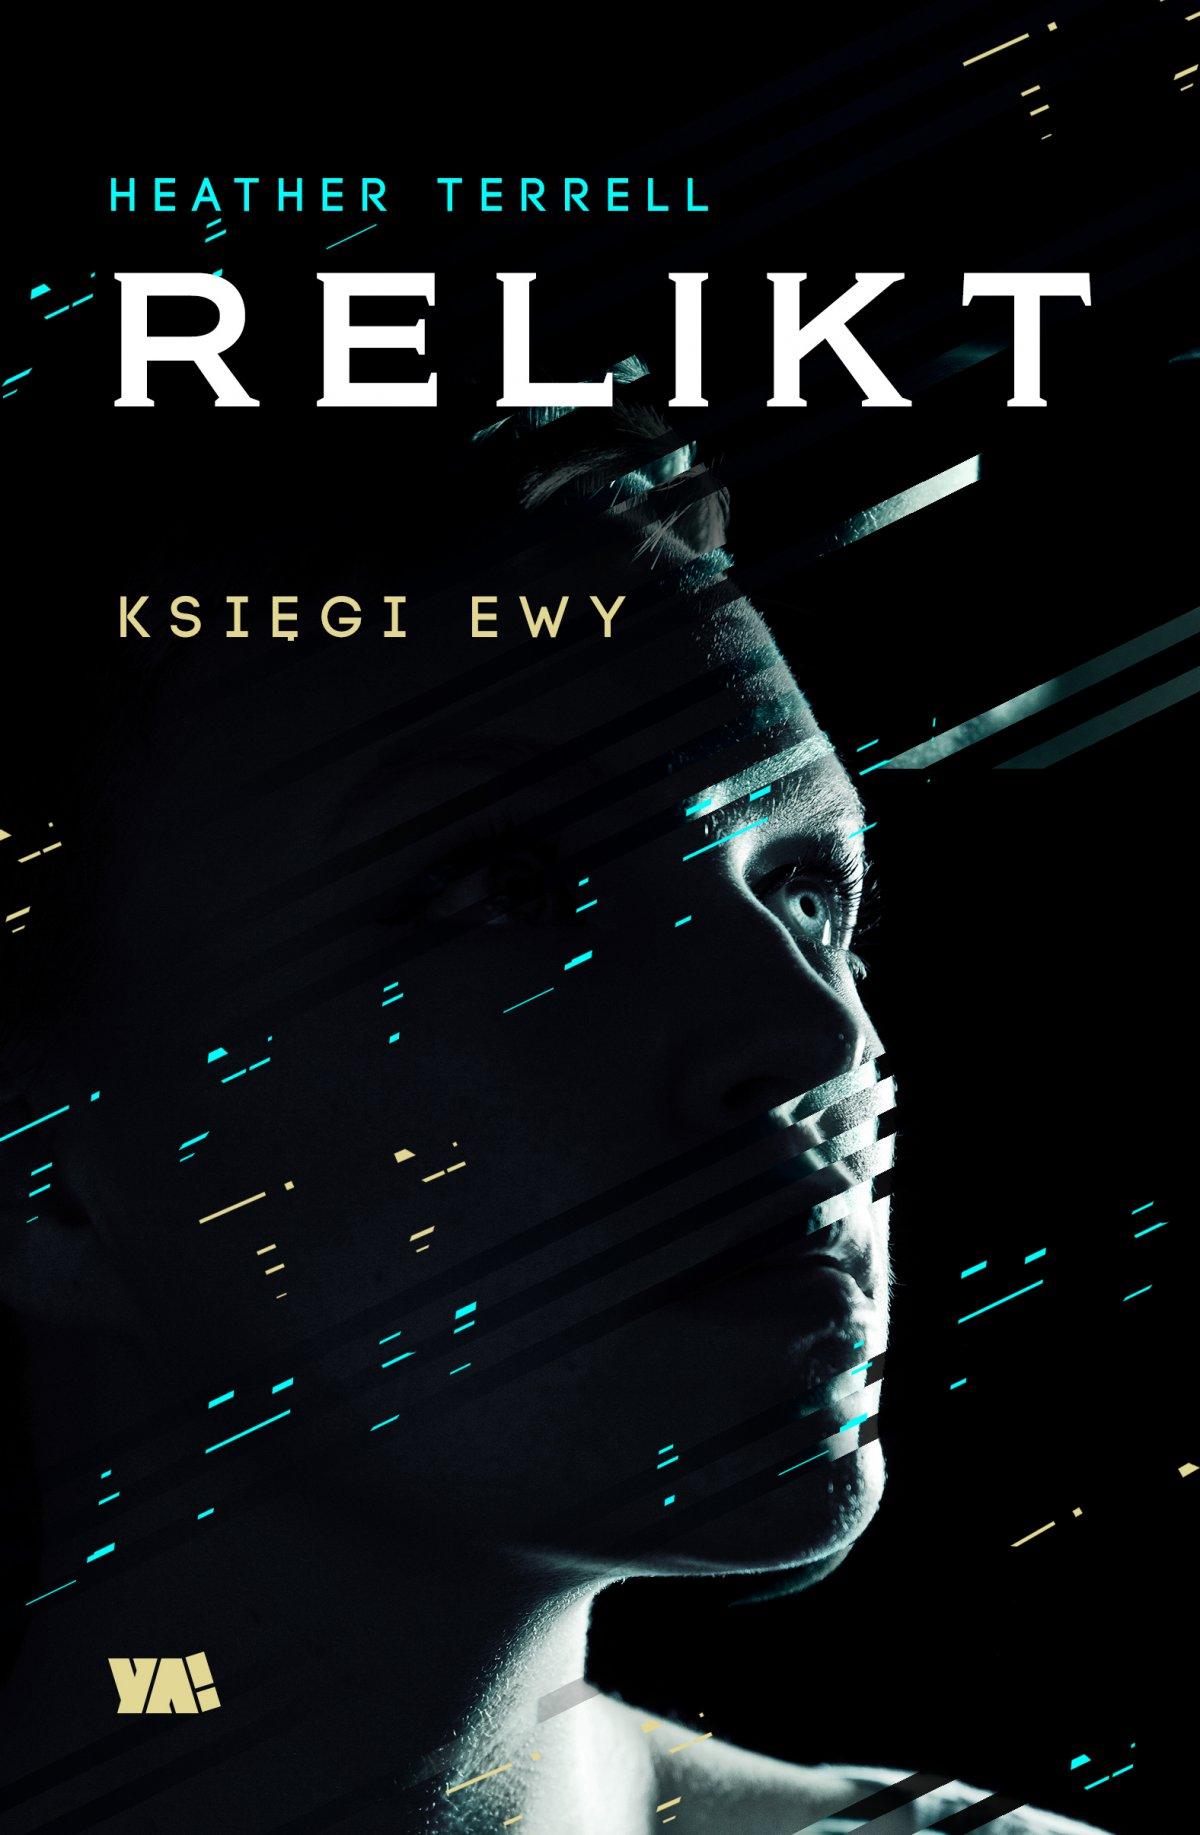 Księgi Ewy. Relikt. t. I - Ebook (Książka na Kindle) do pobrania w formacie MOBI